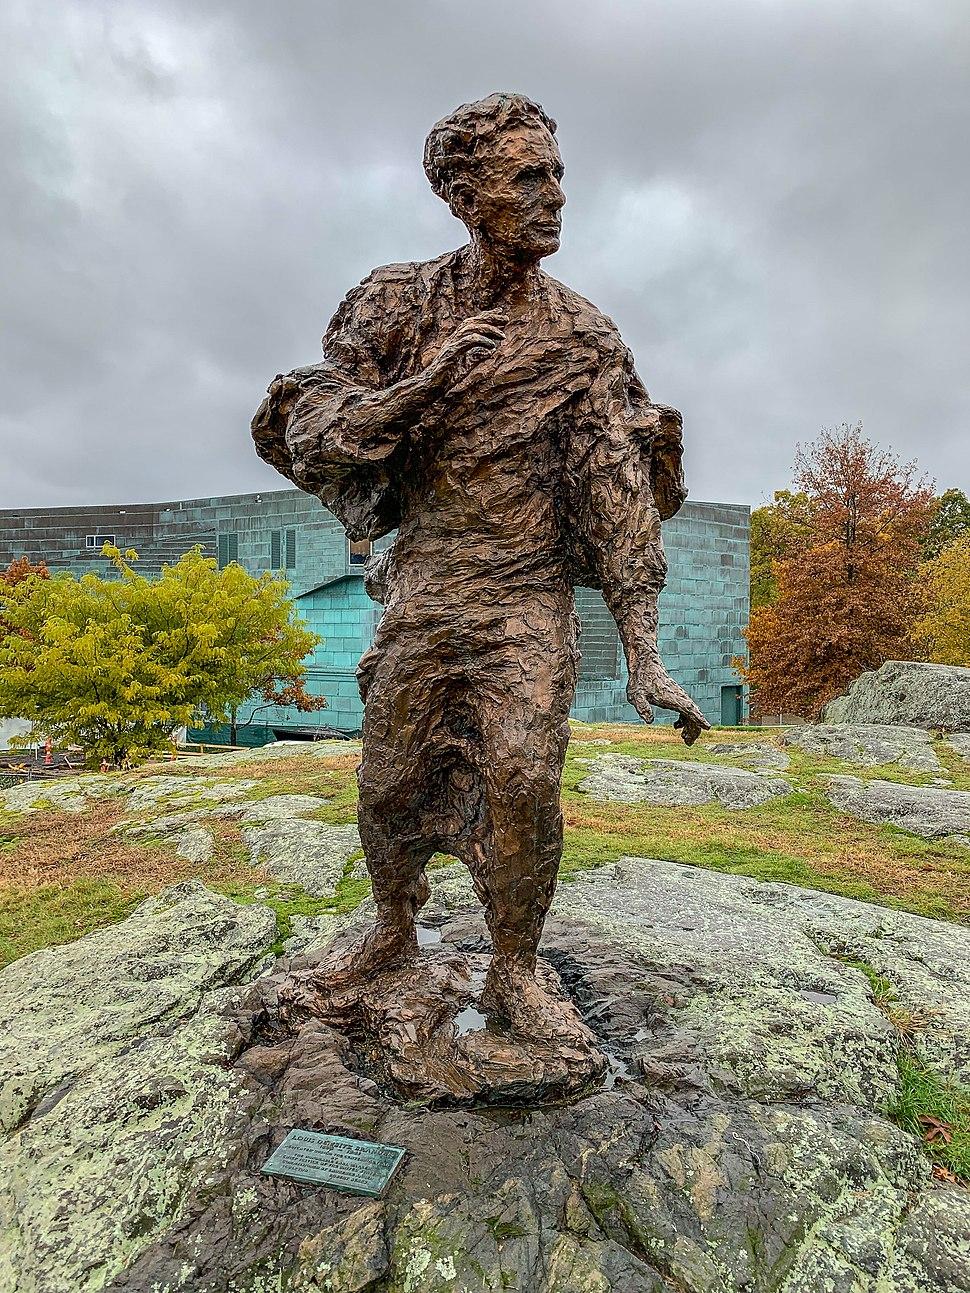 Louis Brandeis statue by Robert Berks